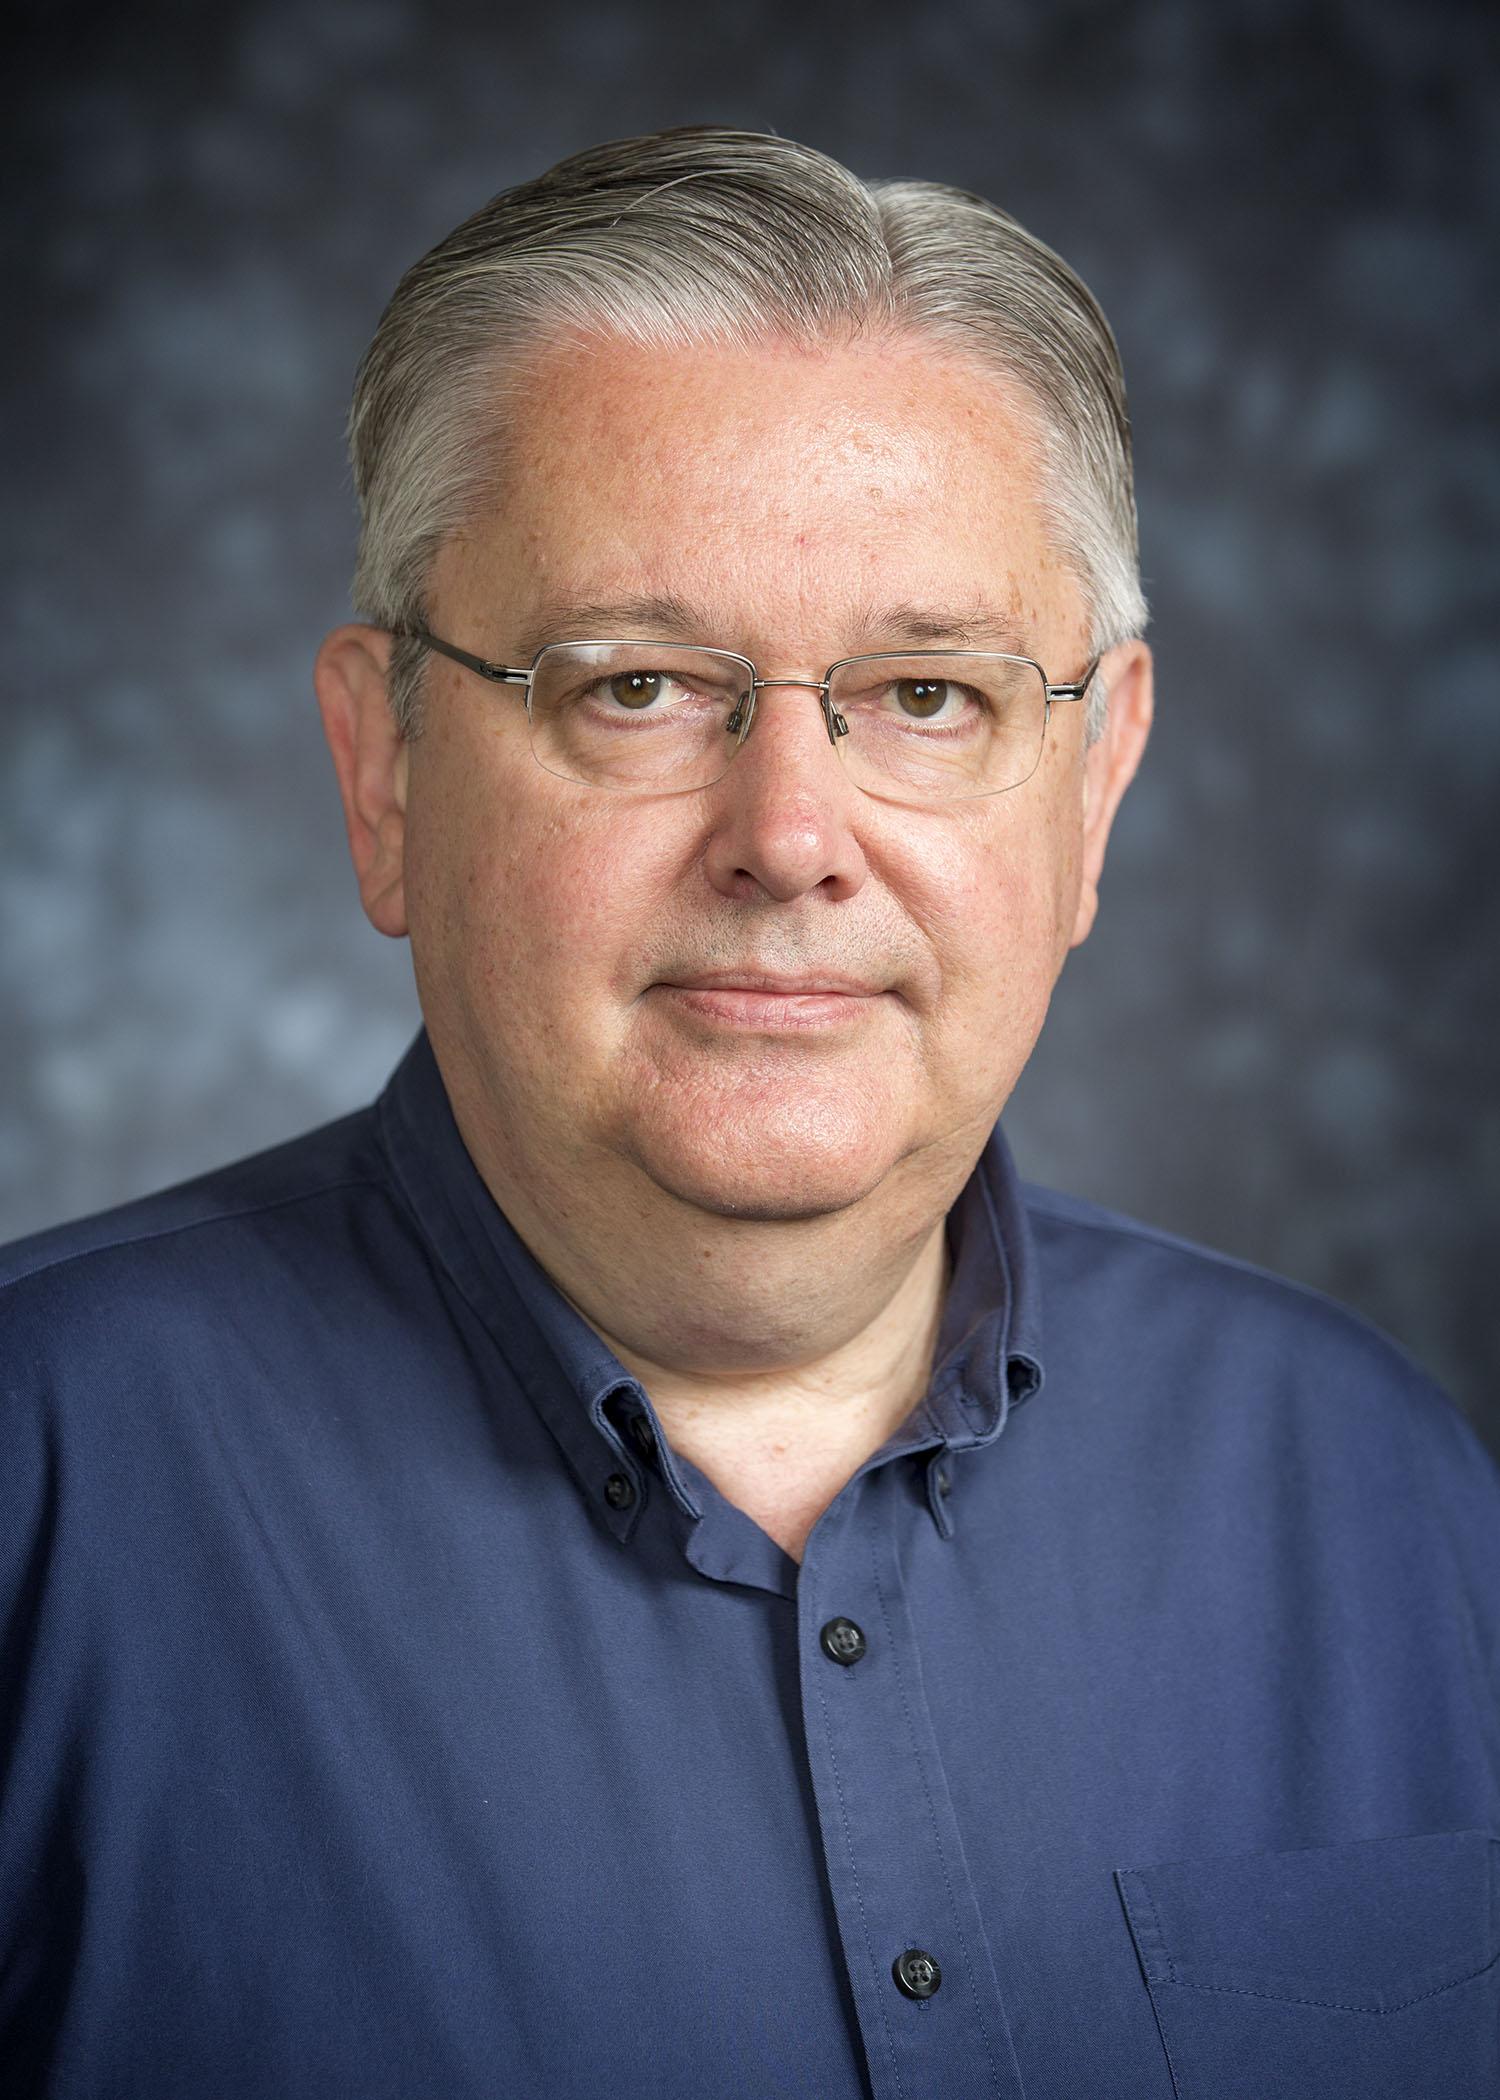 David Lopatto